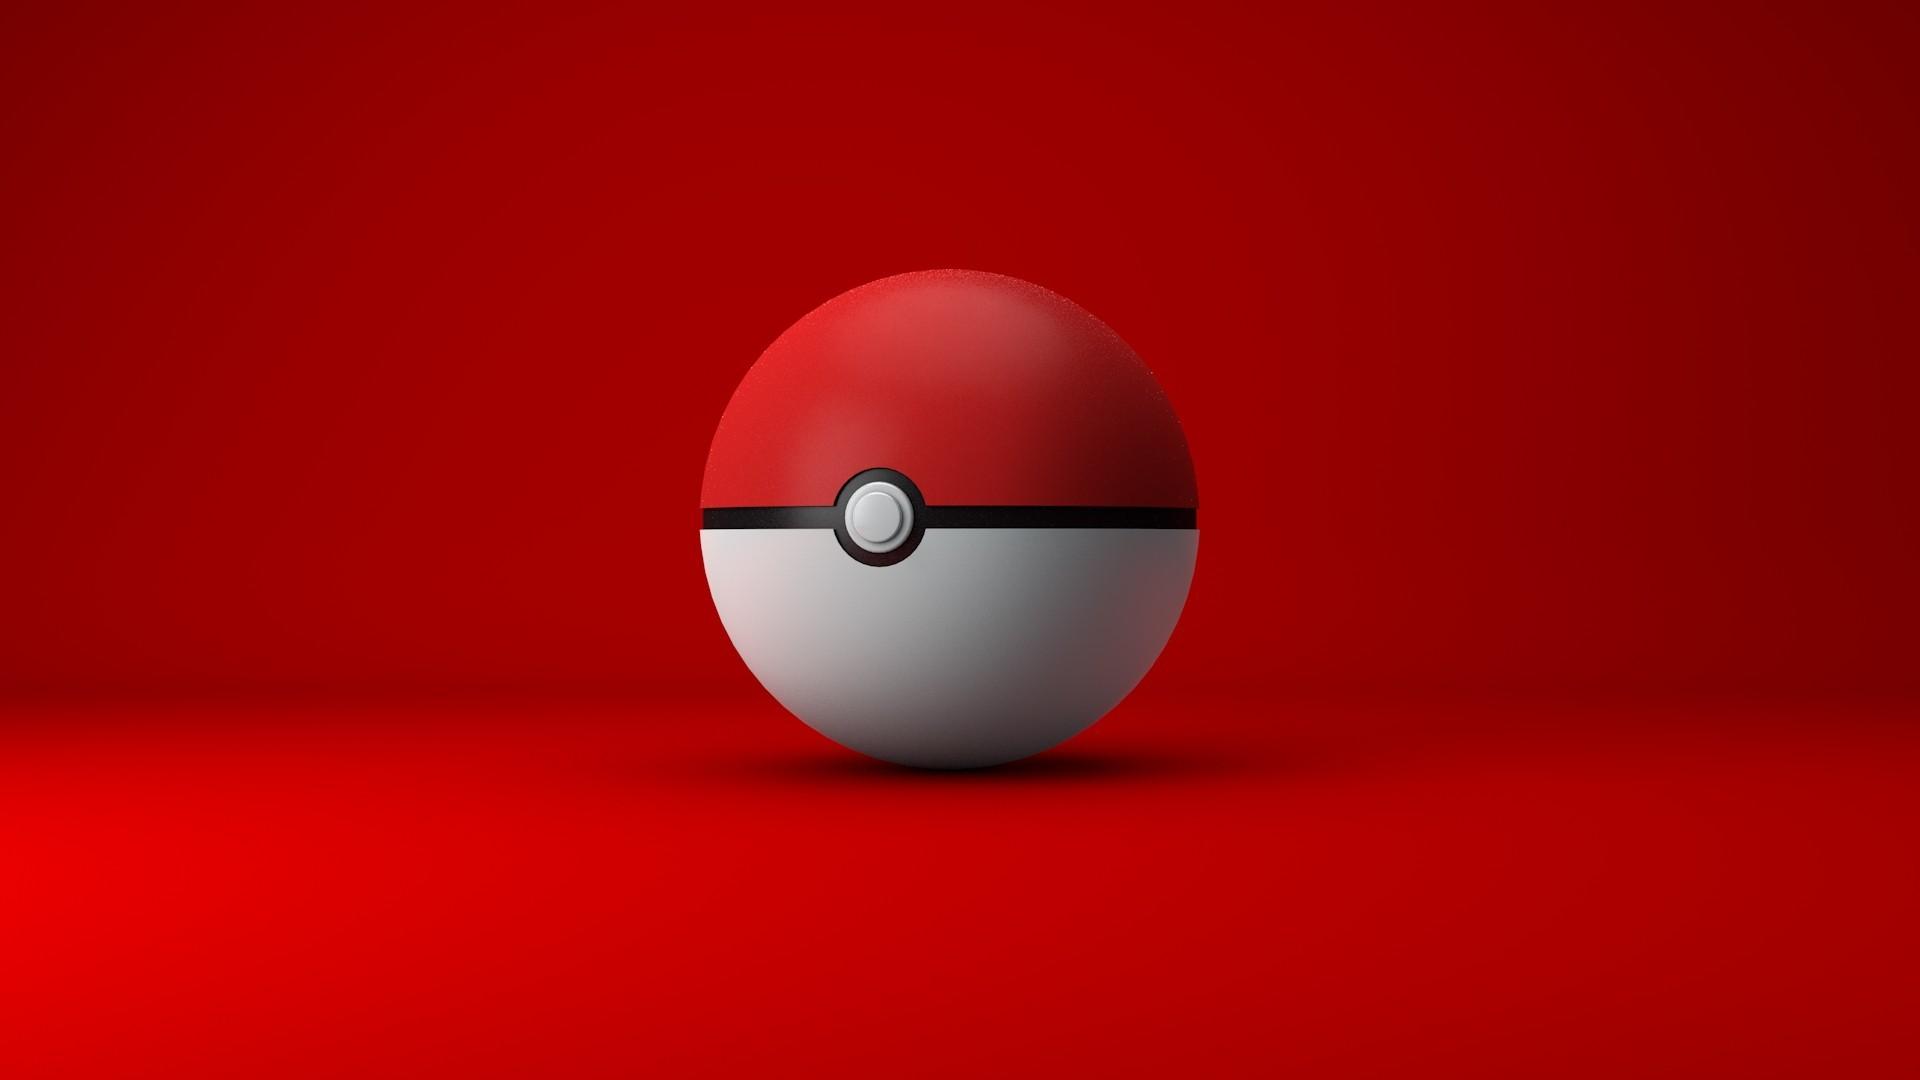 pokemon in pokeball wallpaper 75 images